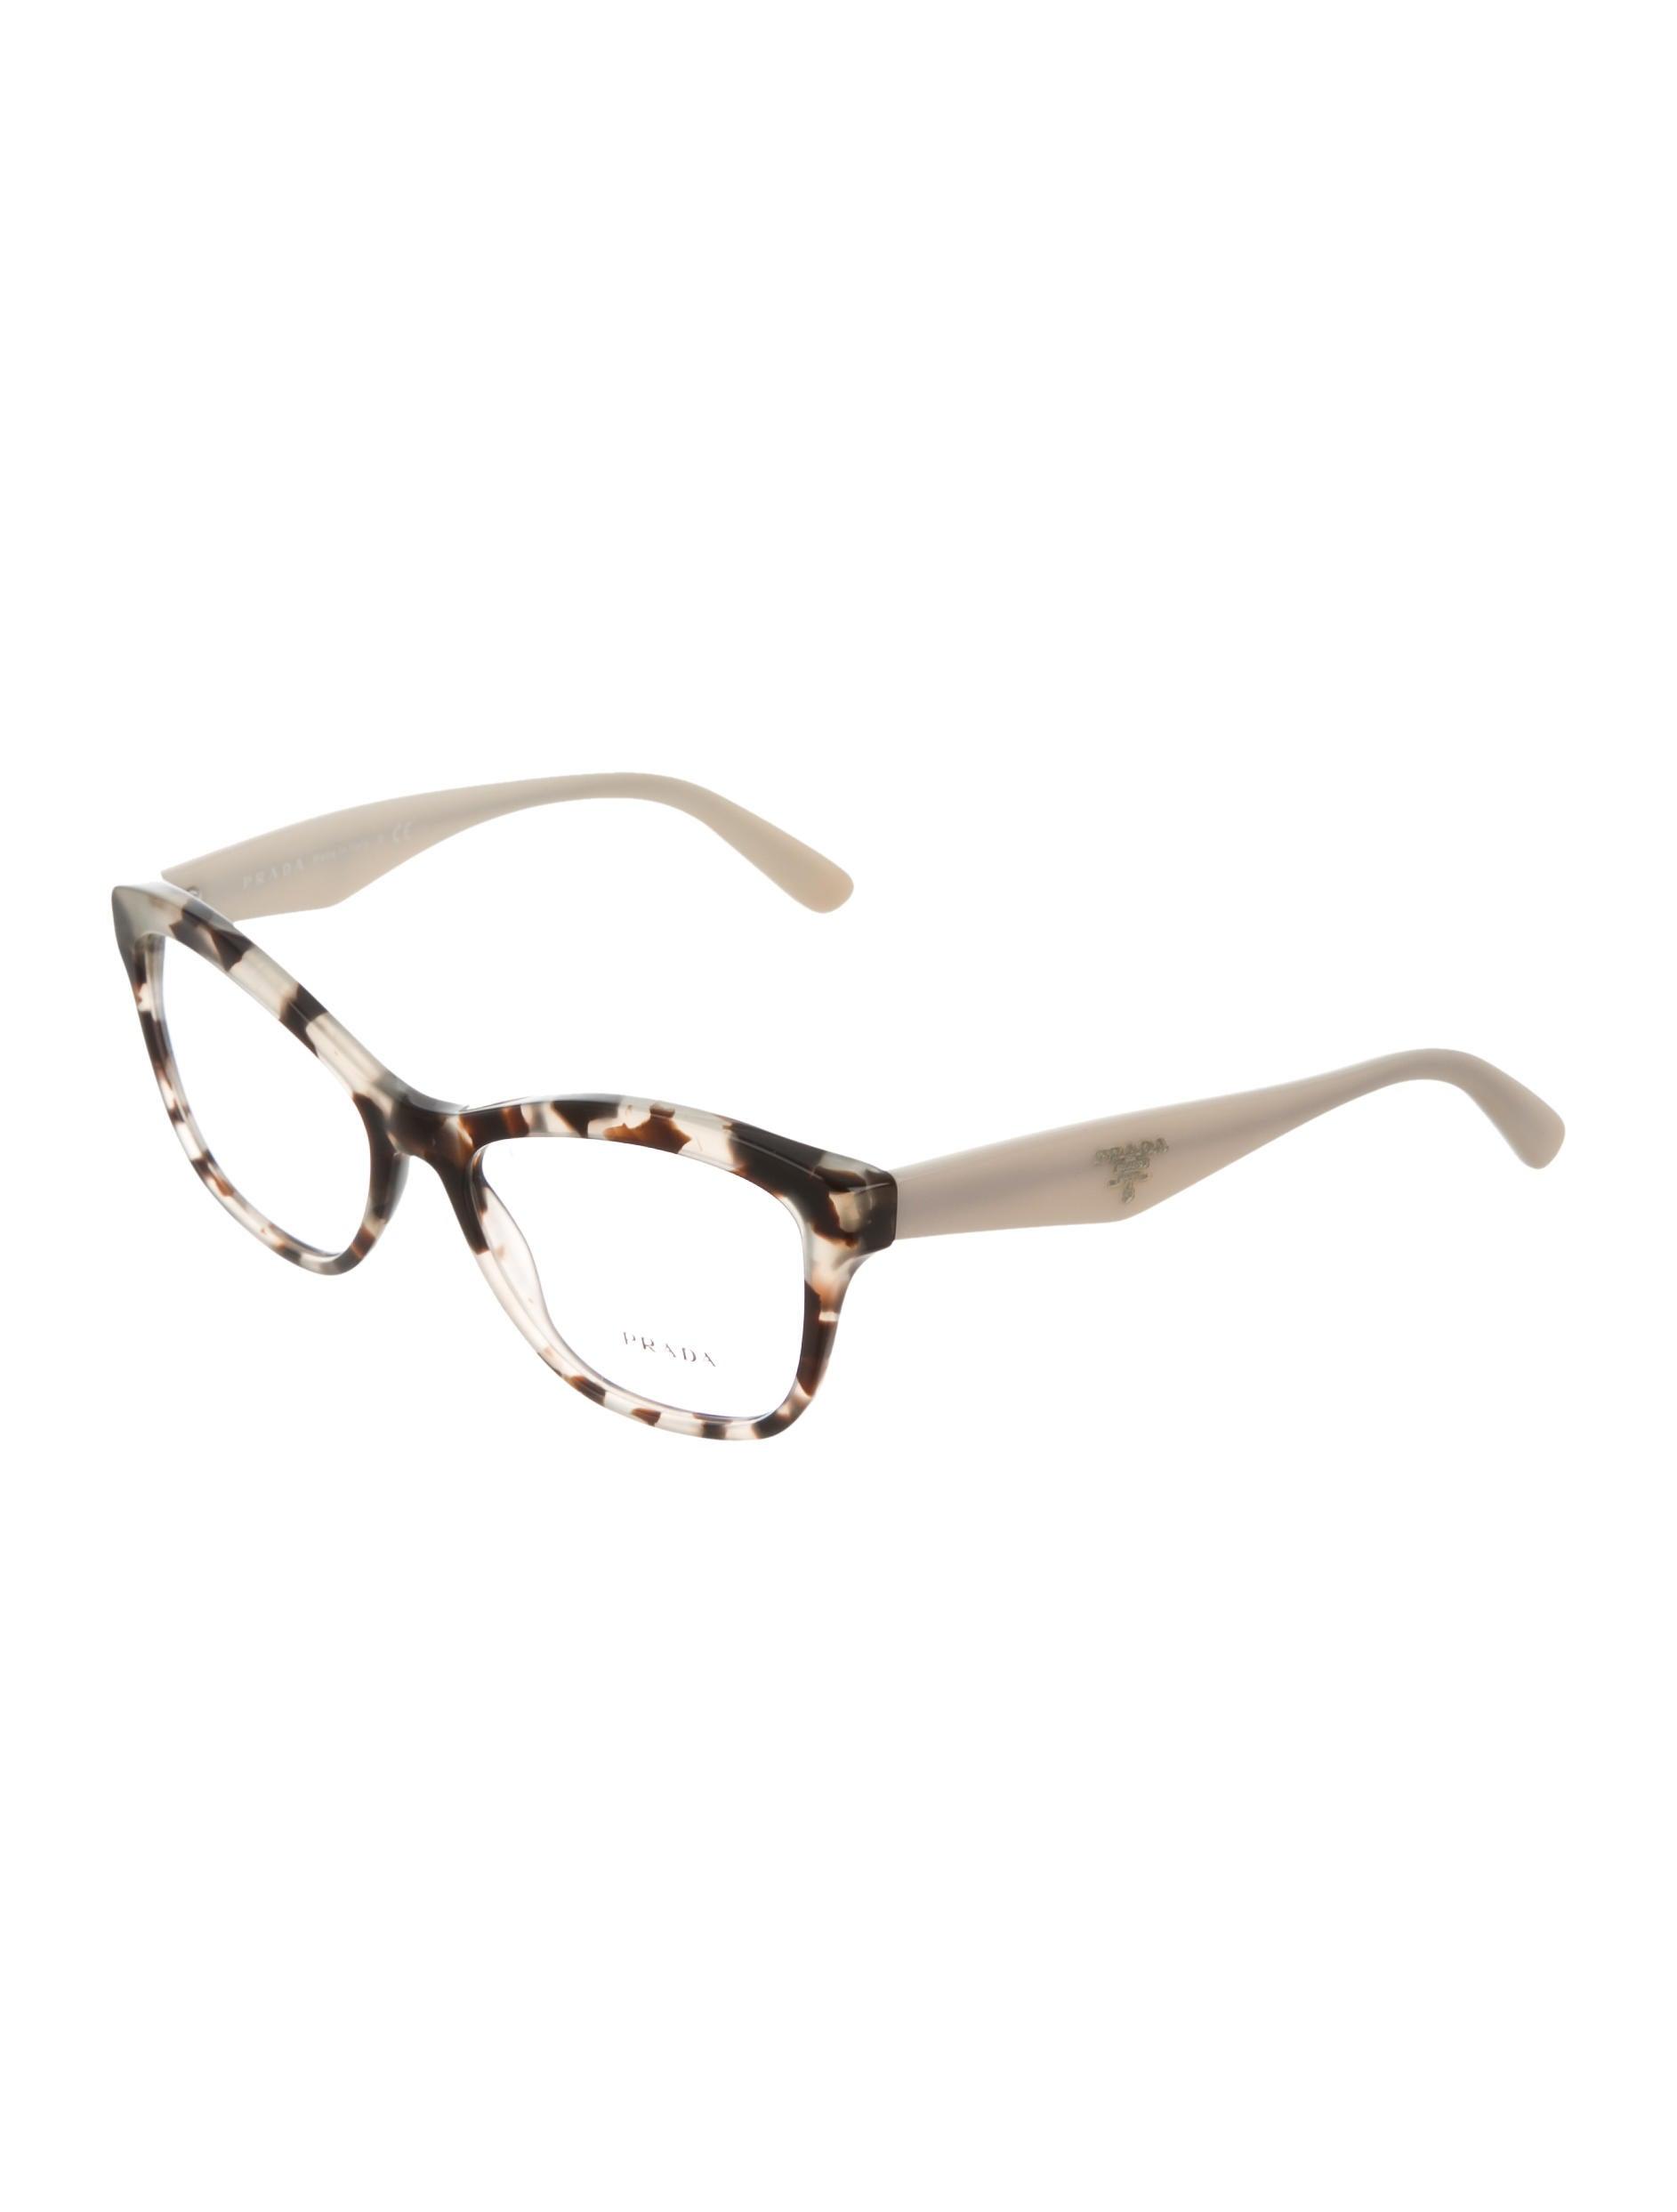 prada marbled cat eye eyeglasses accessories pra134813